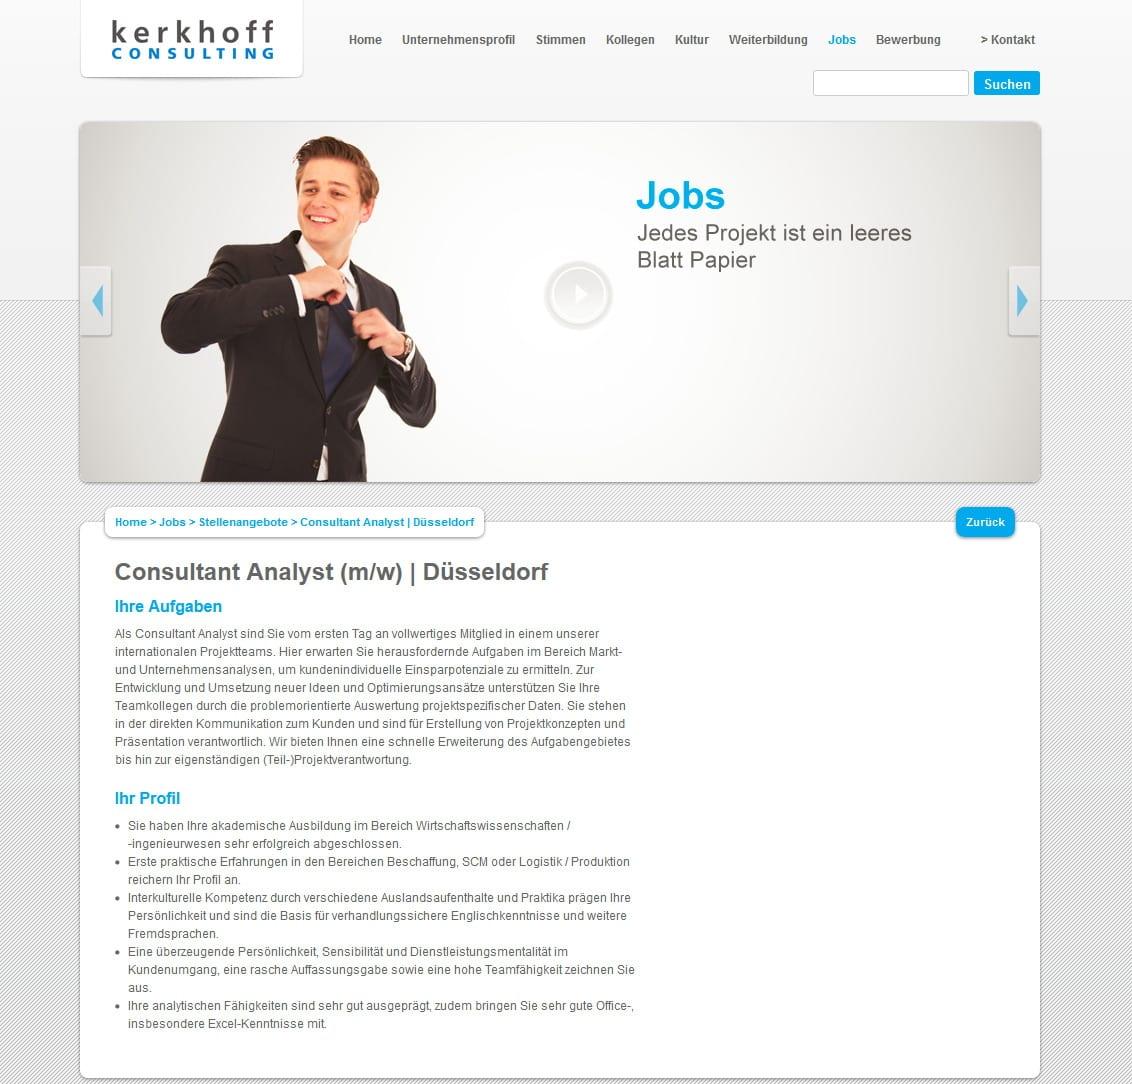 Jobs bei Kerkhoff Consulting - eine Bewerbung unmittelbar aus dem Stellenangebot ist nicht möglich